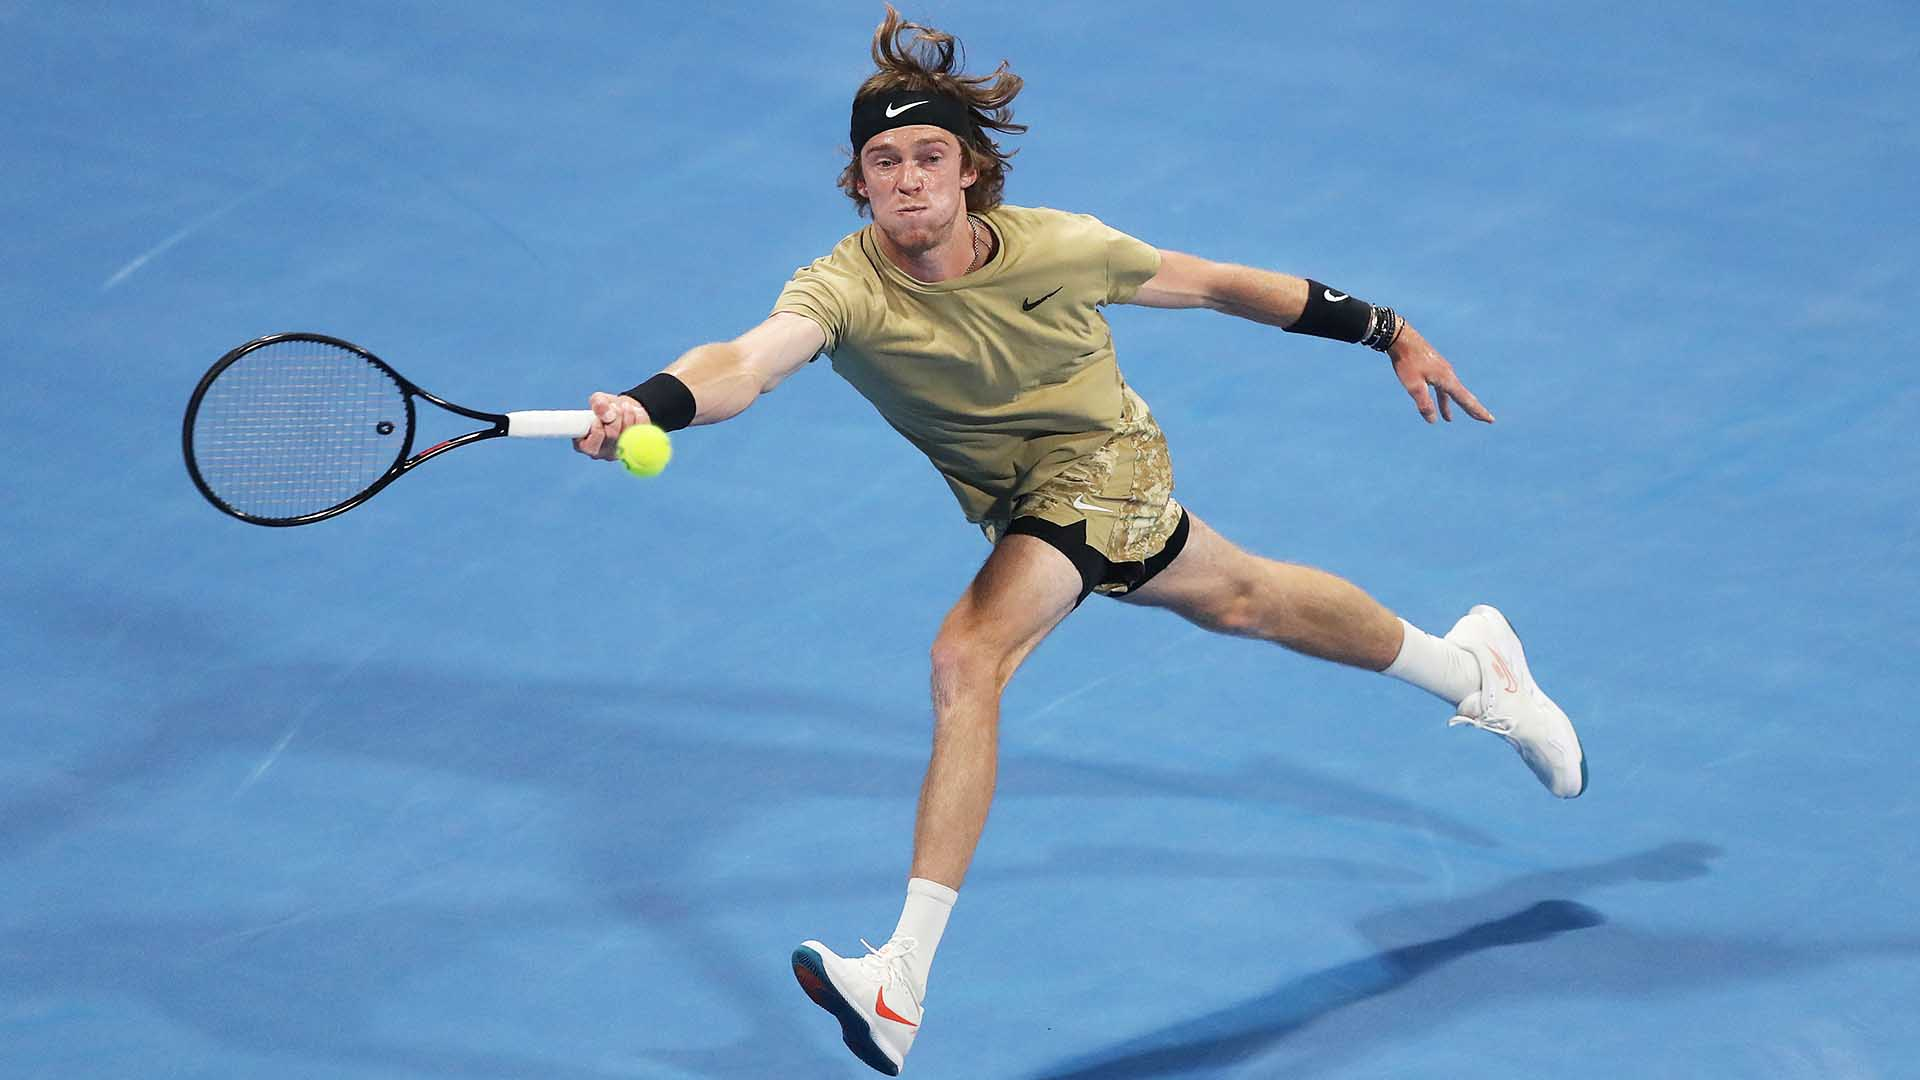 Dubai Open 2021: Andrey Rublev vs. Emil Ruusuvuori Tennis Pick and Prediction